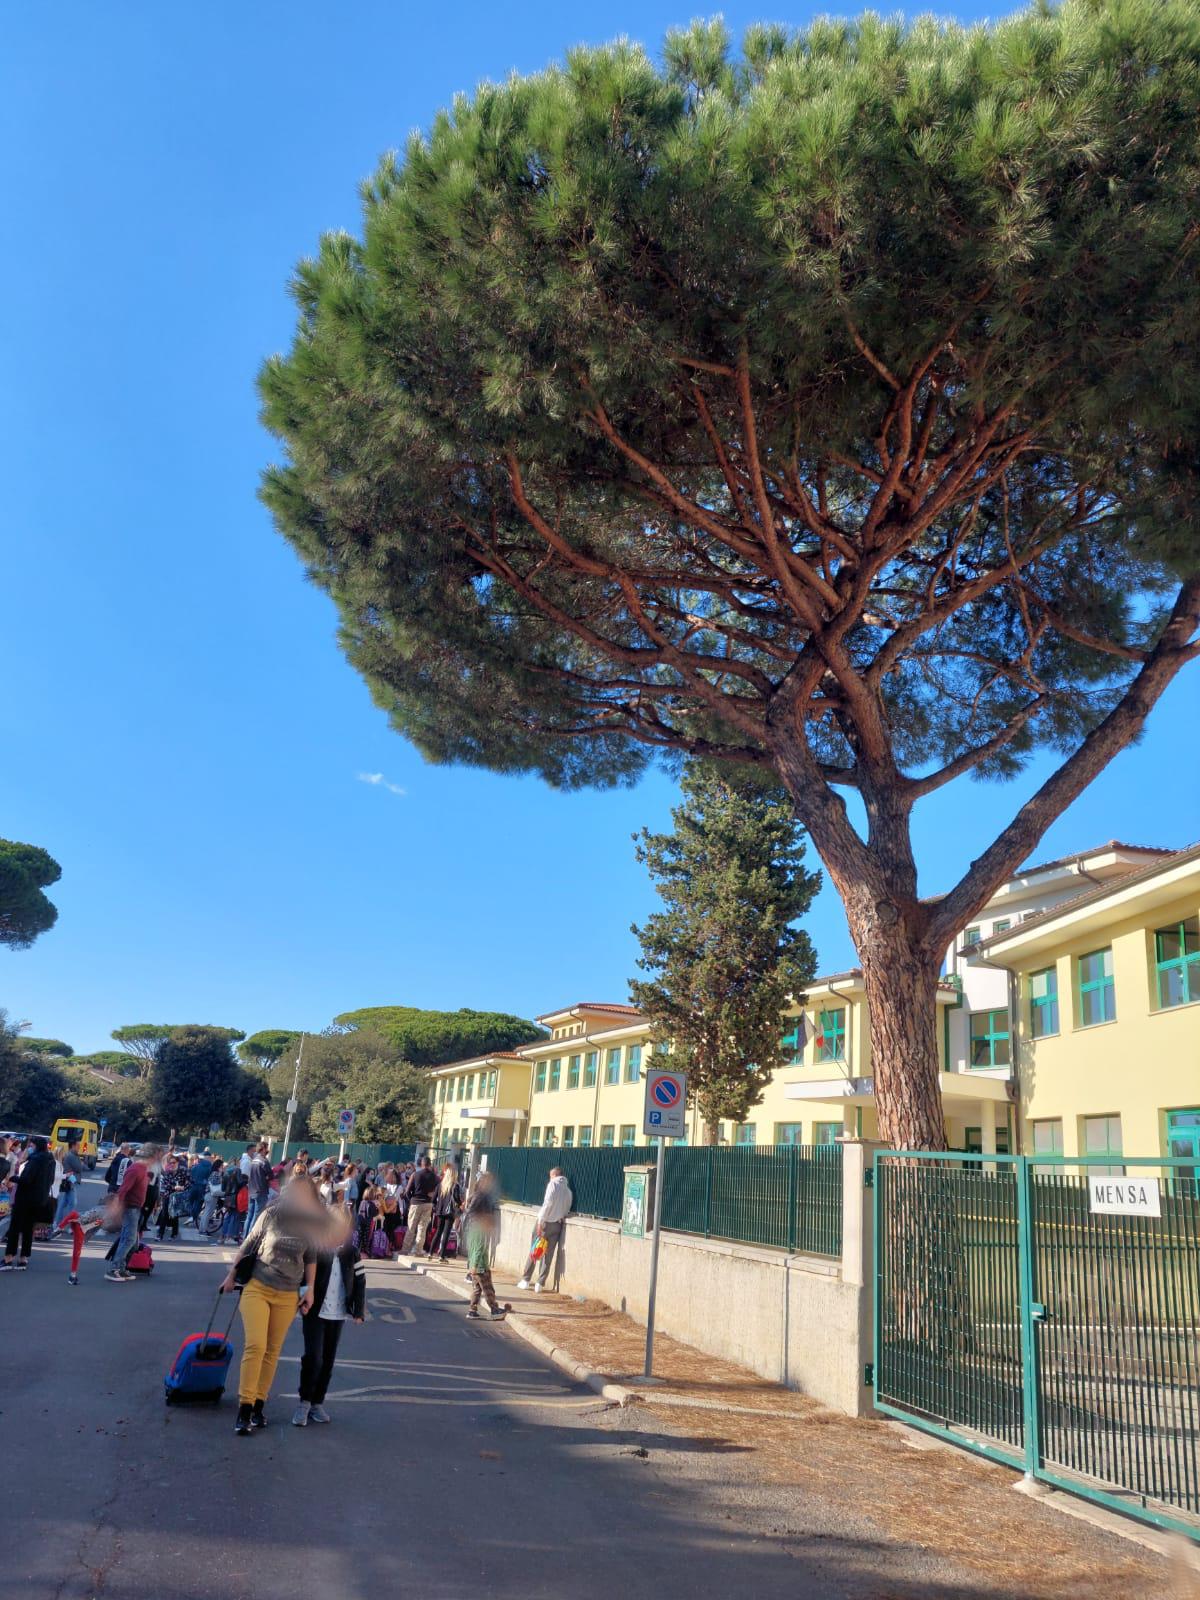 Fregene: pericolo caduta pigne davanti alla scuola. I genitori chiedono un intervento 1